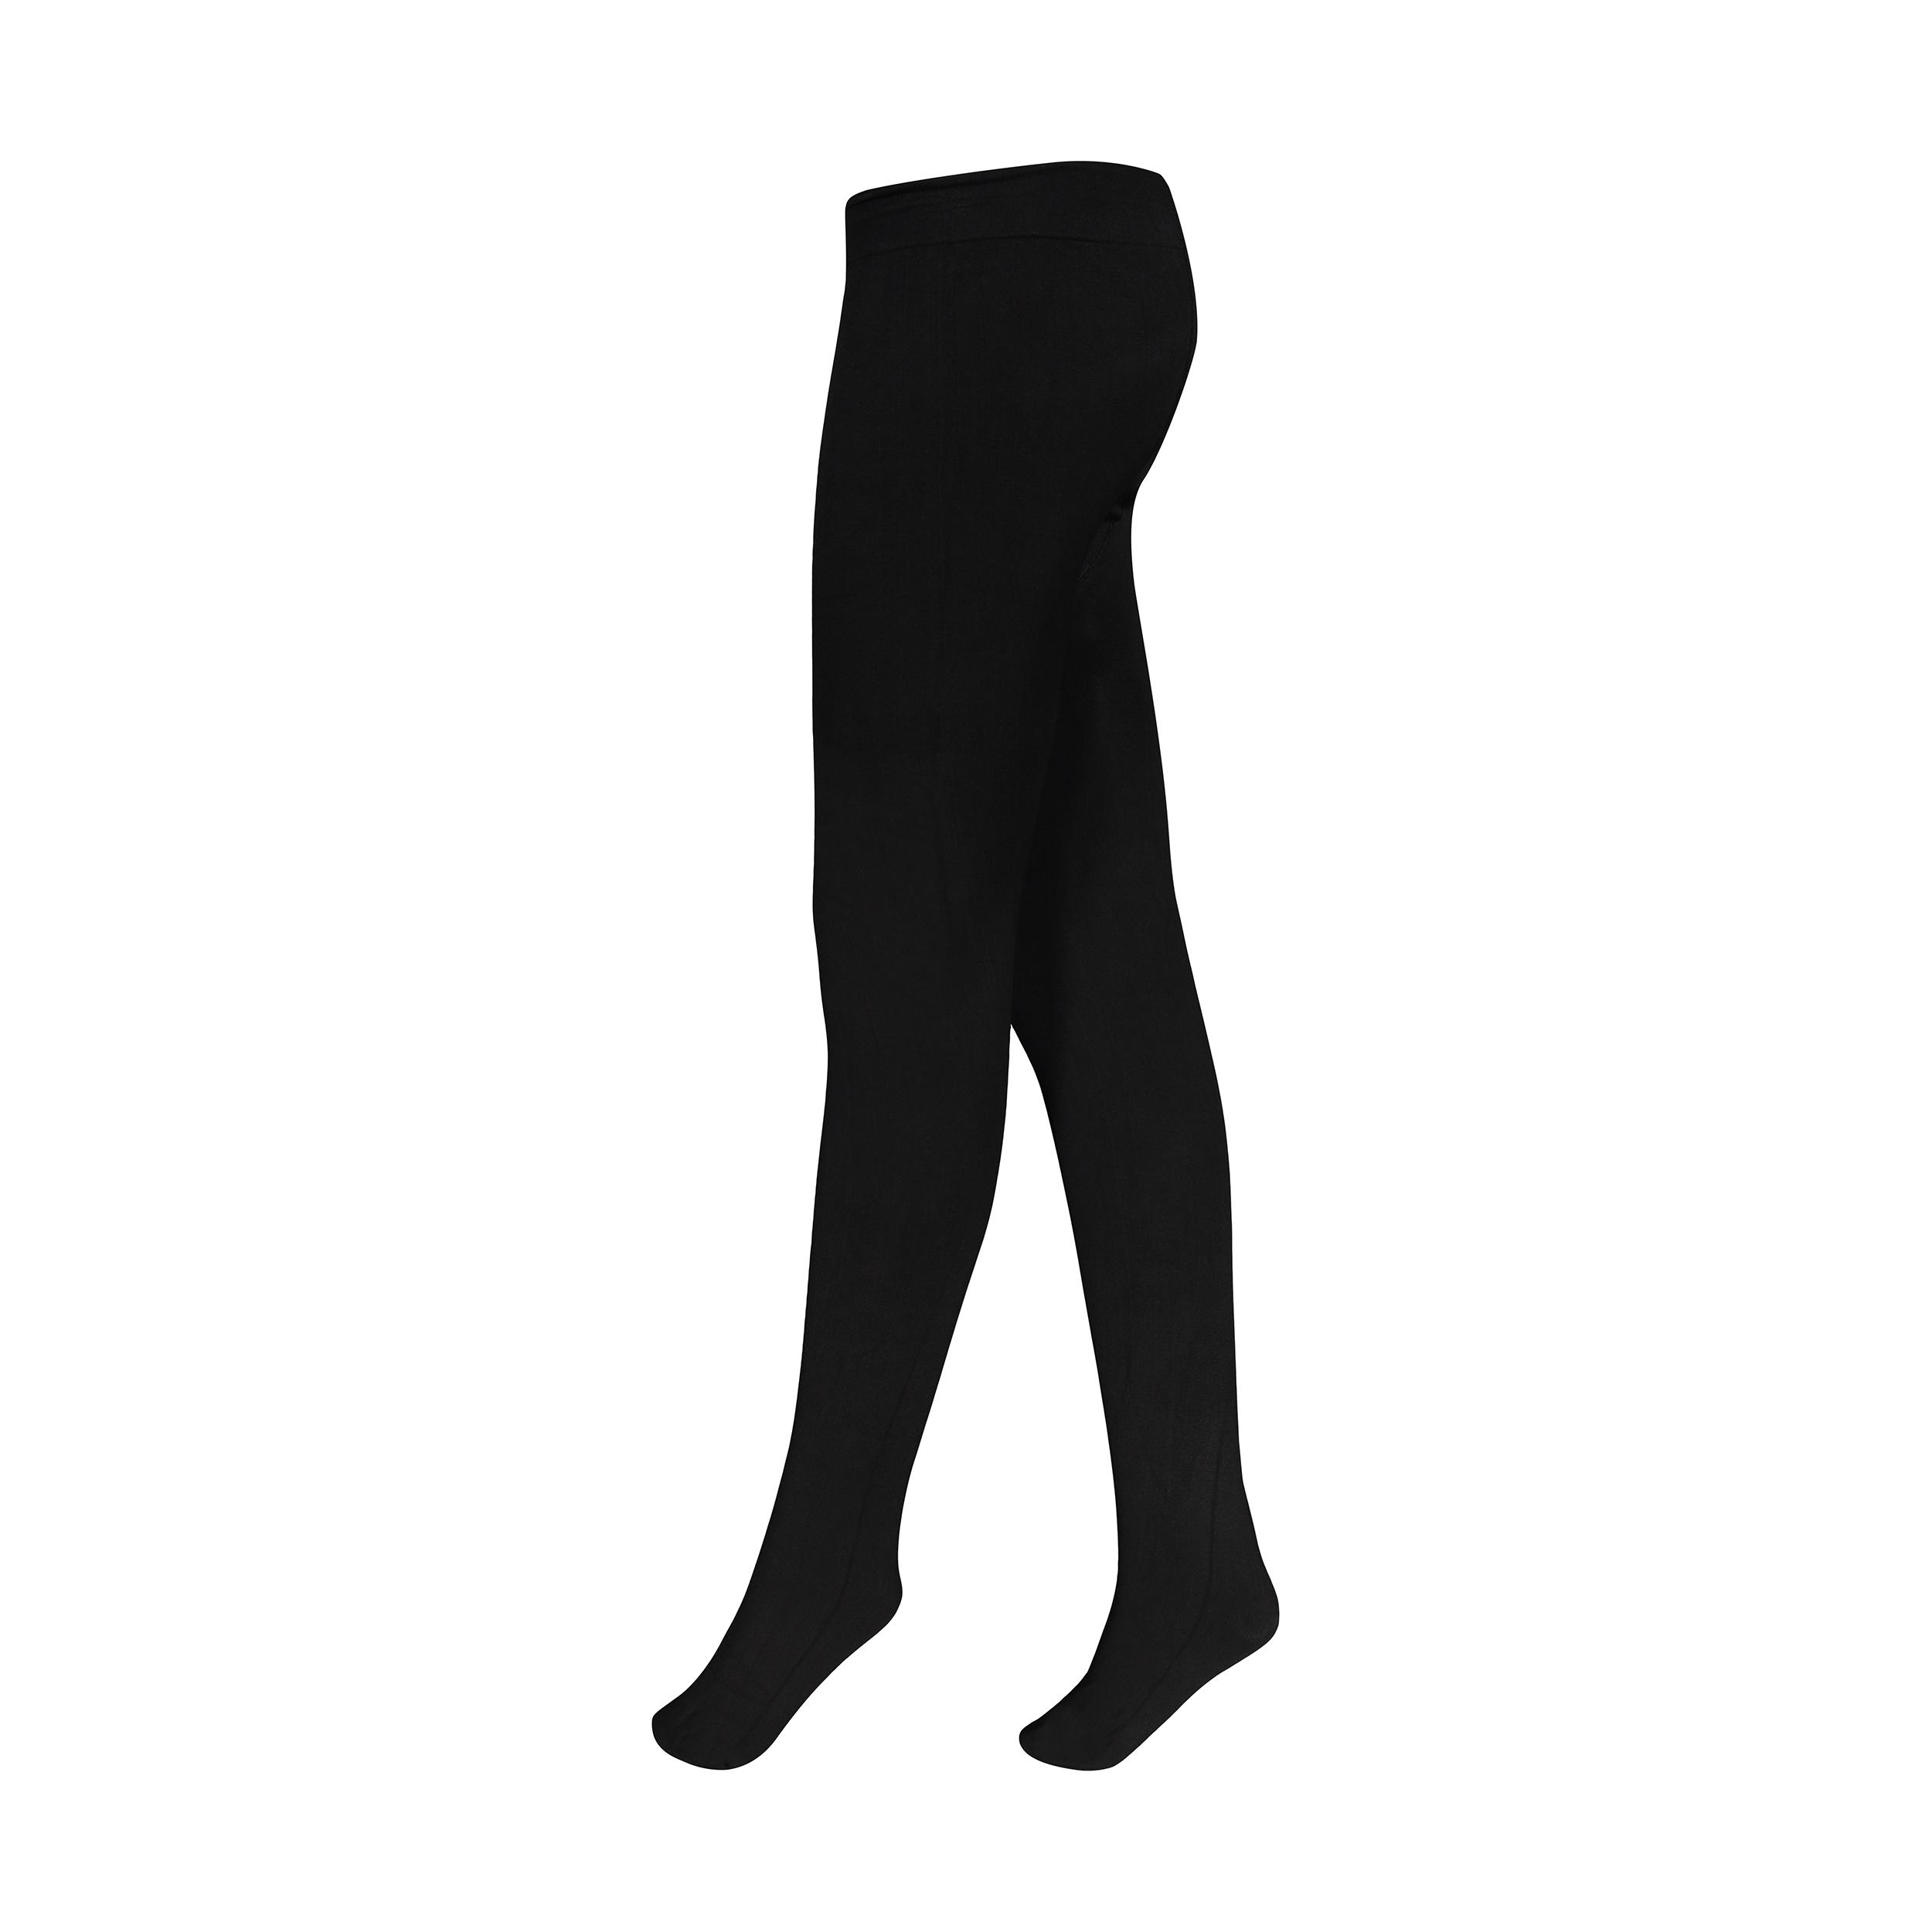 جوراب شلواری زنانه مدل 01